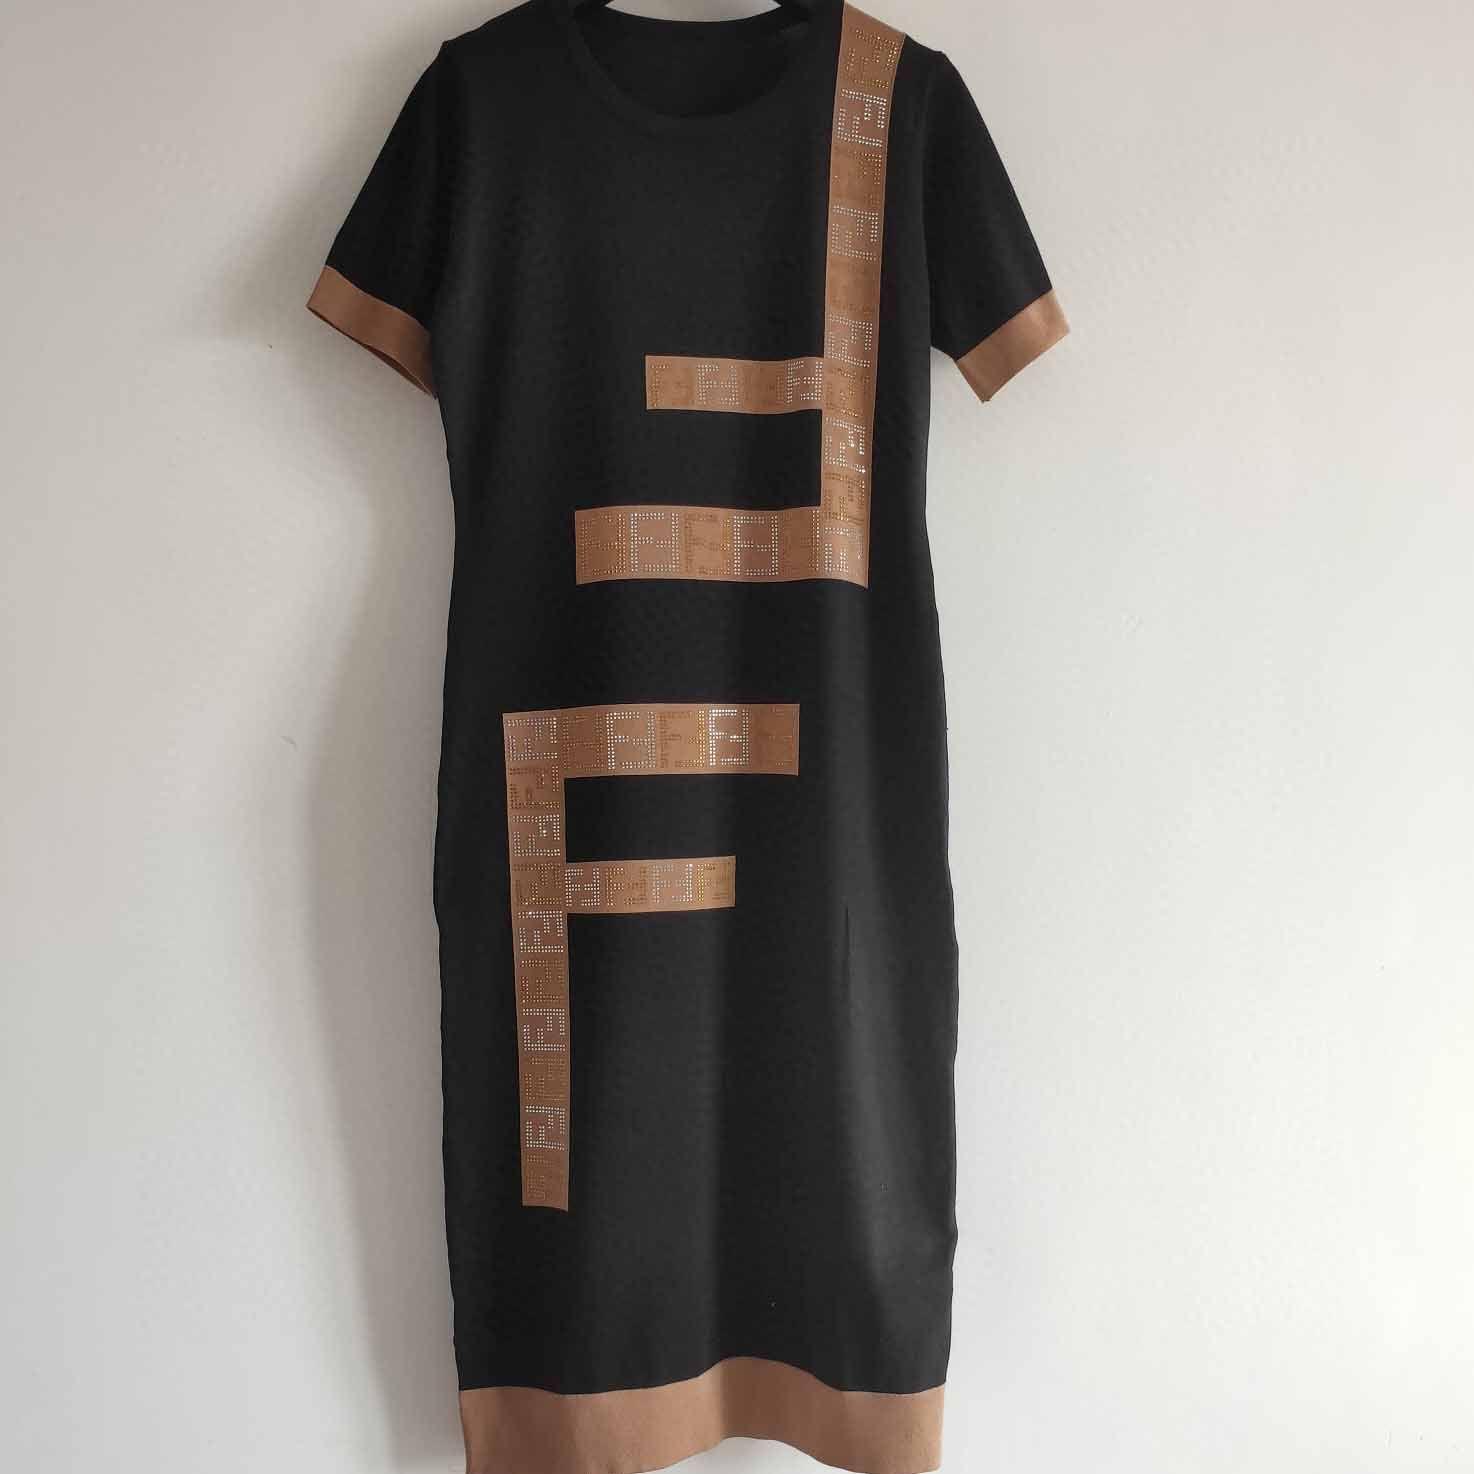 إمرأة مصمم اللباس بيغيني العلامة التجارية الرسالة طباعة تنورة المرأة عادية فساتين الصيف الأزياء الفاخرة نمط 2020 نمط جديد حار بيع